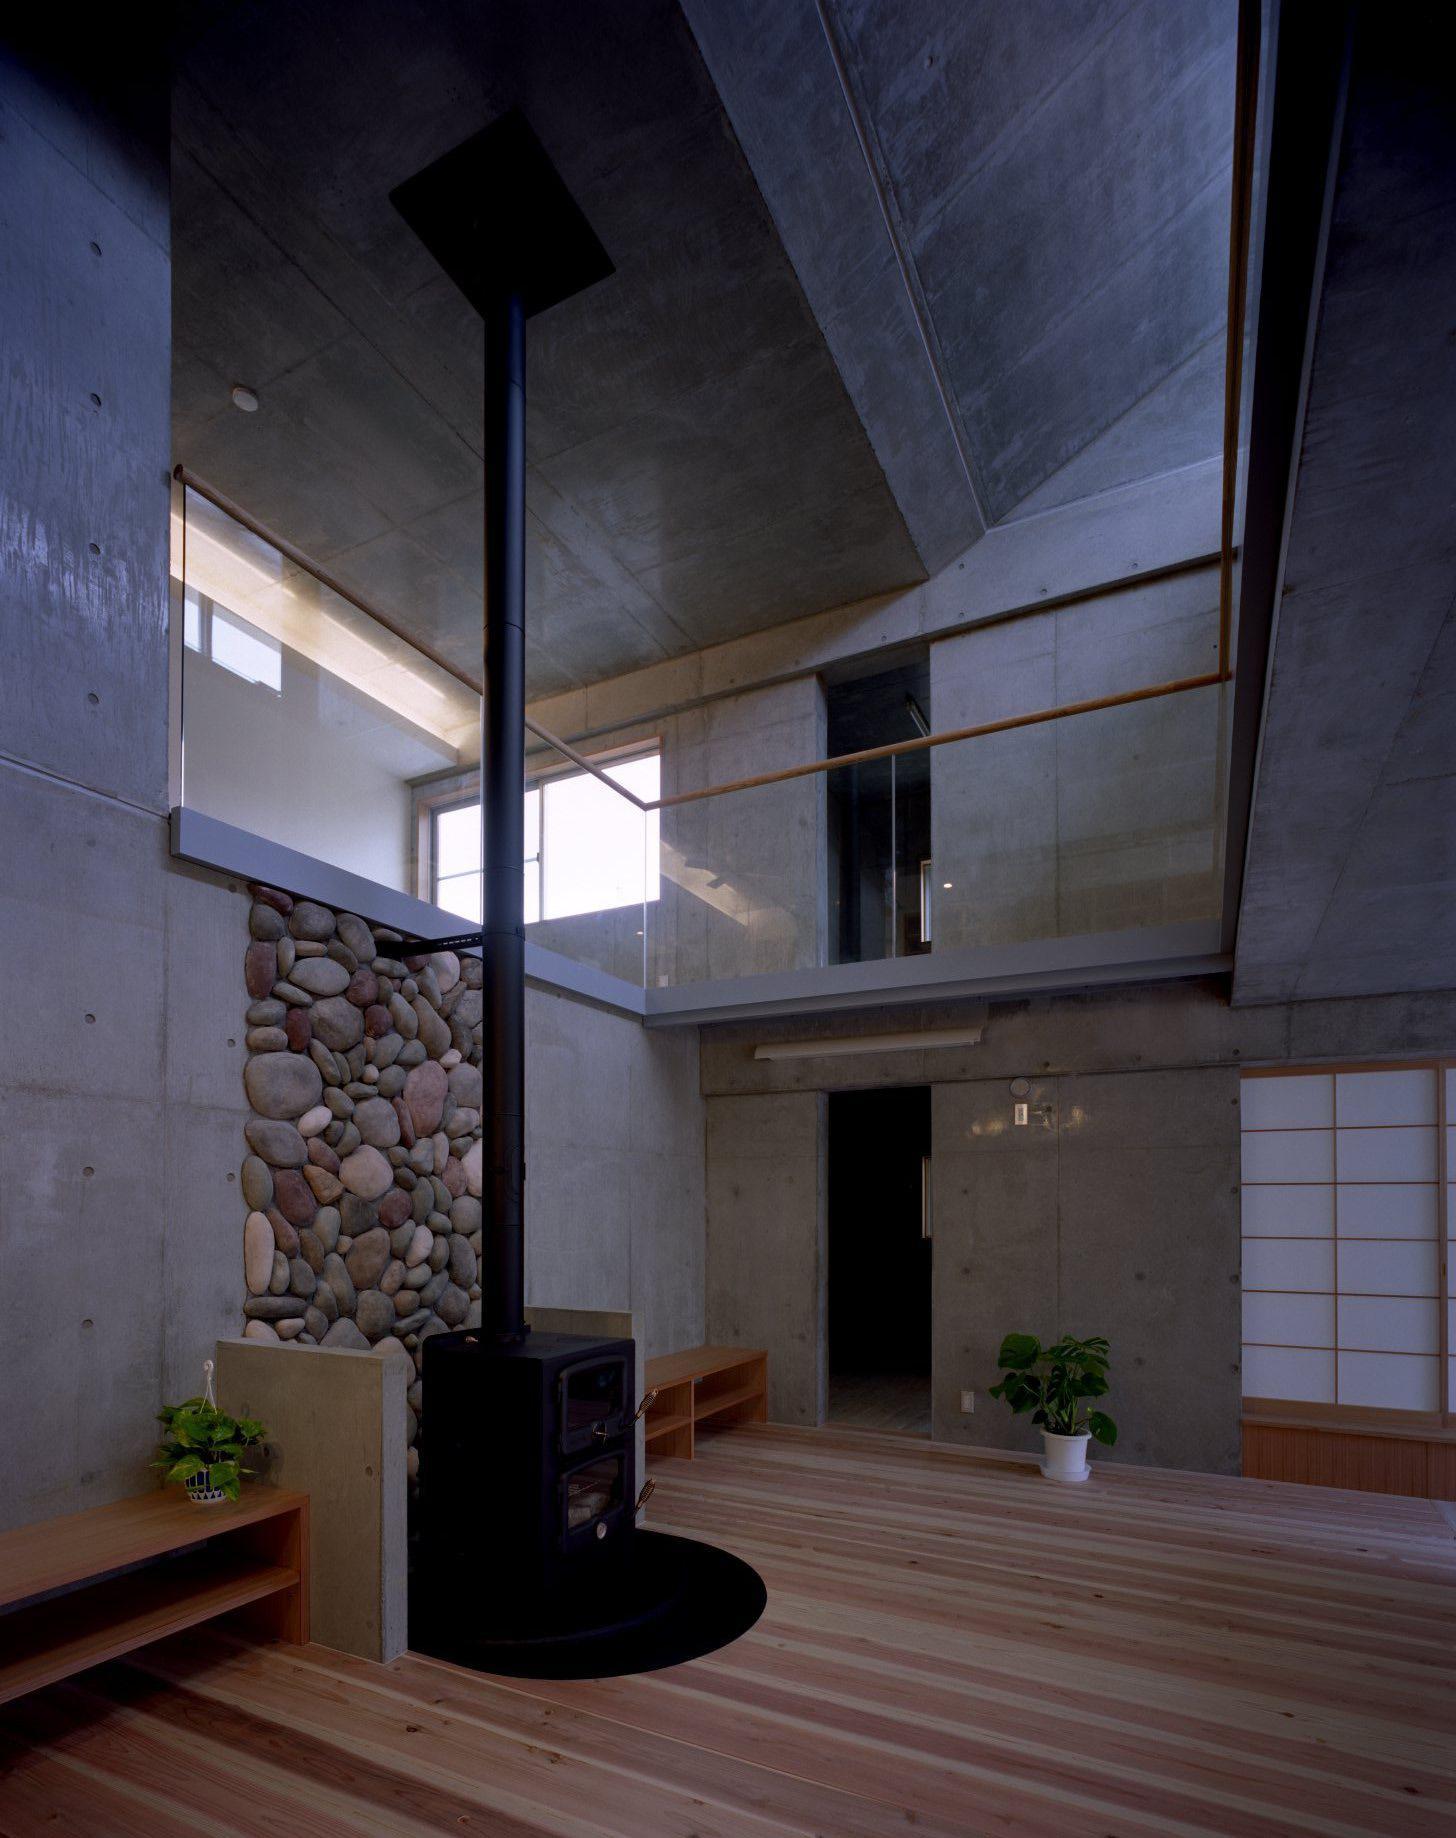 東京都世田谷区 M邸の写真 暖炉スペース